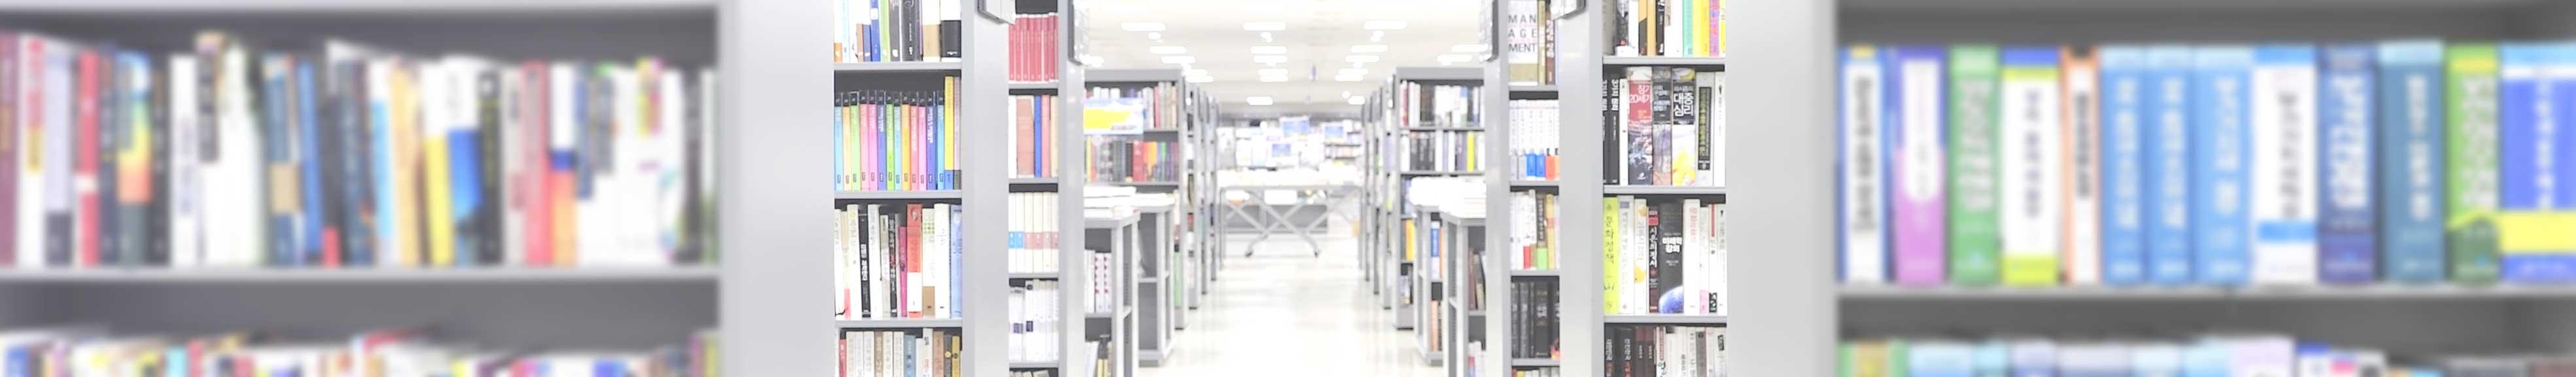 東京国際大堀病院のTV、雑誌等のメディア掲載情報